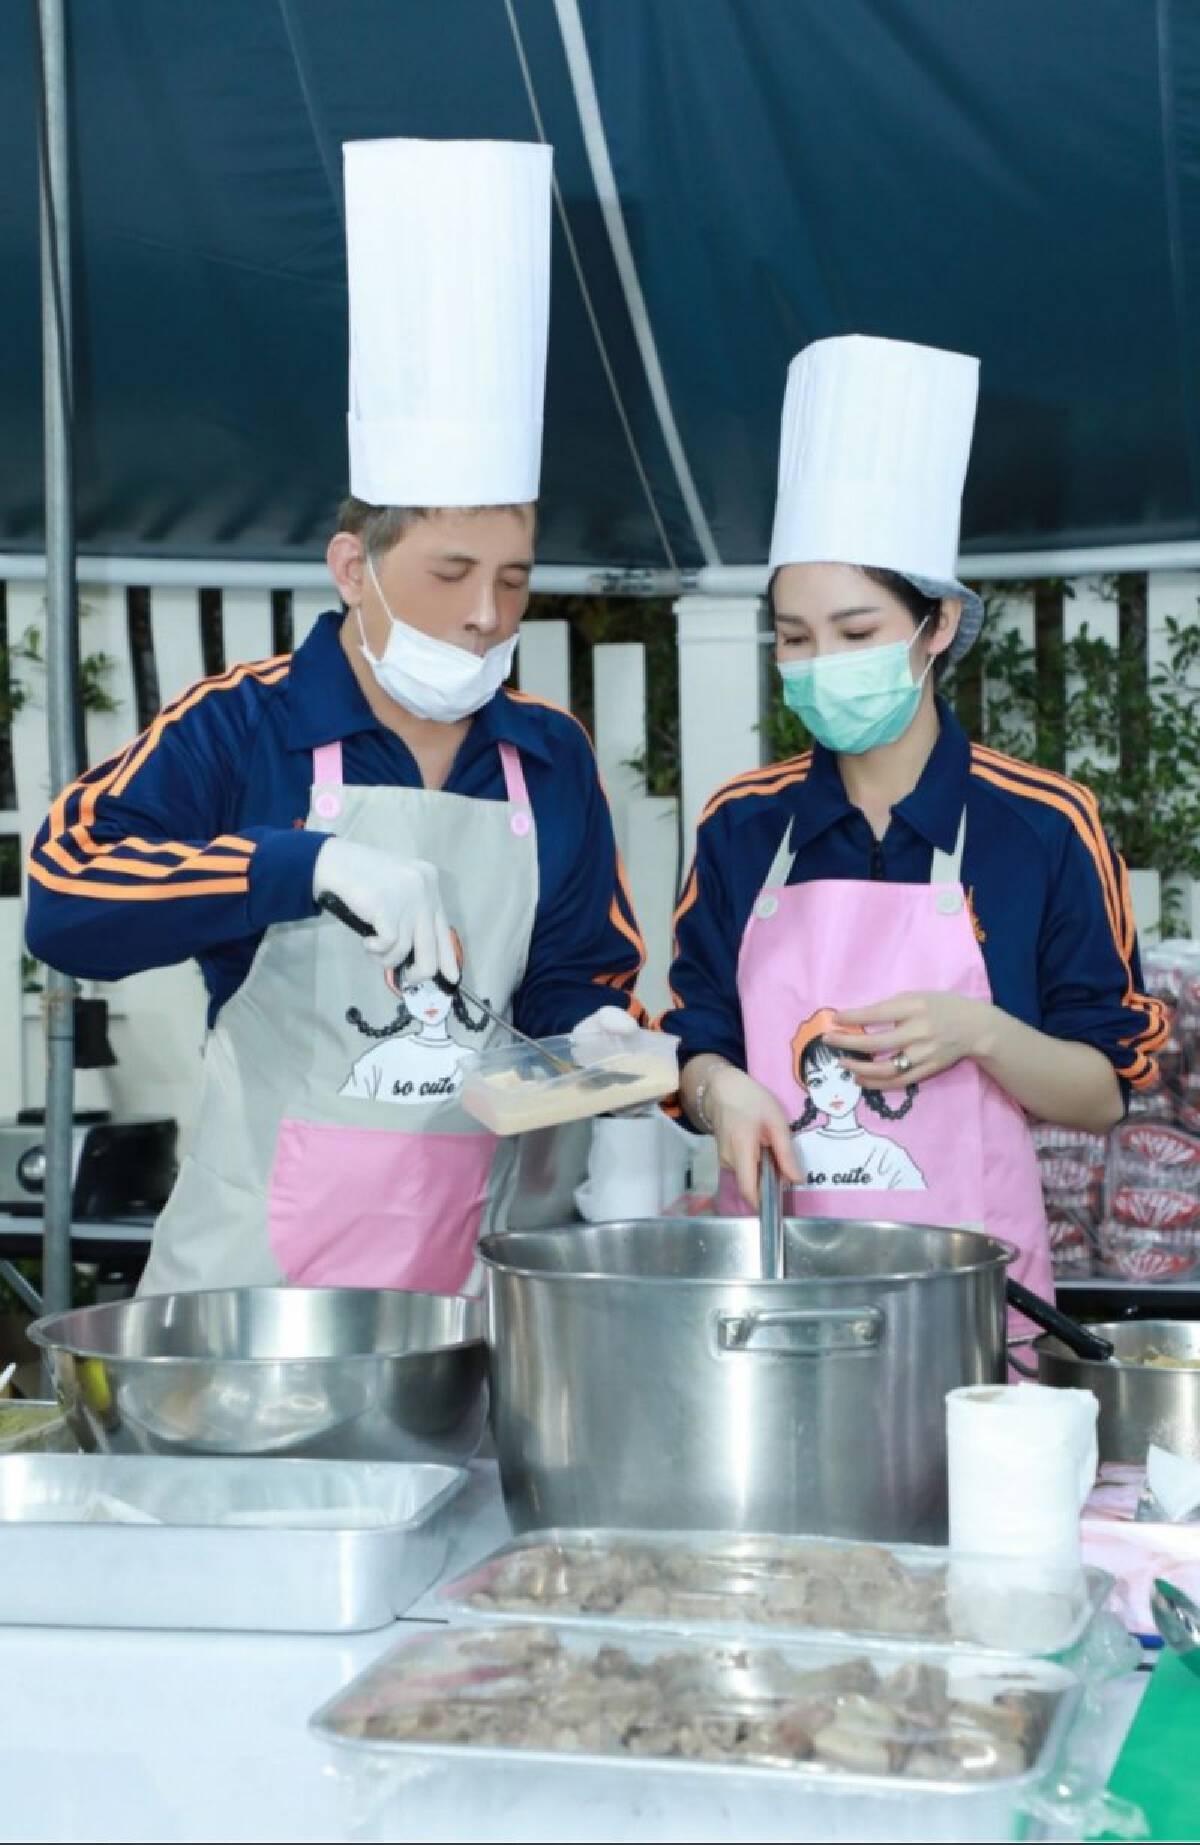 ในหลวงทรงประกอบอาหารพระราชทาน แก่บุคลากรทางการแพทย์ ณ โรงพยาบาลสนามและโรงพยาบาลต่างๆ